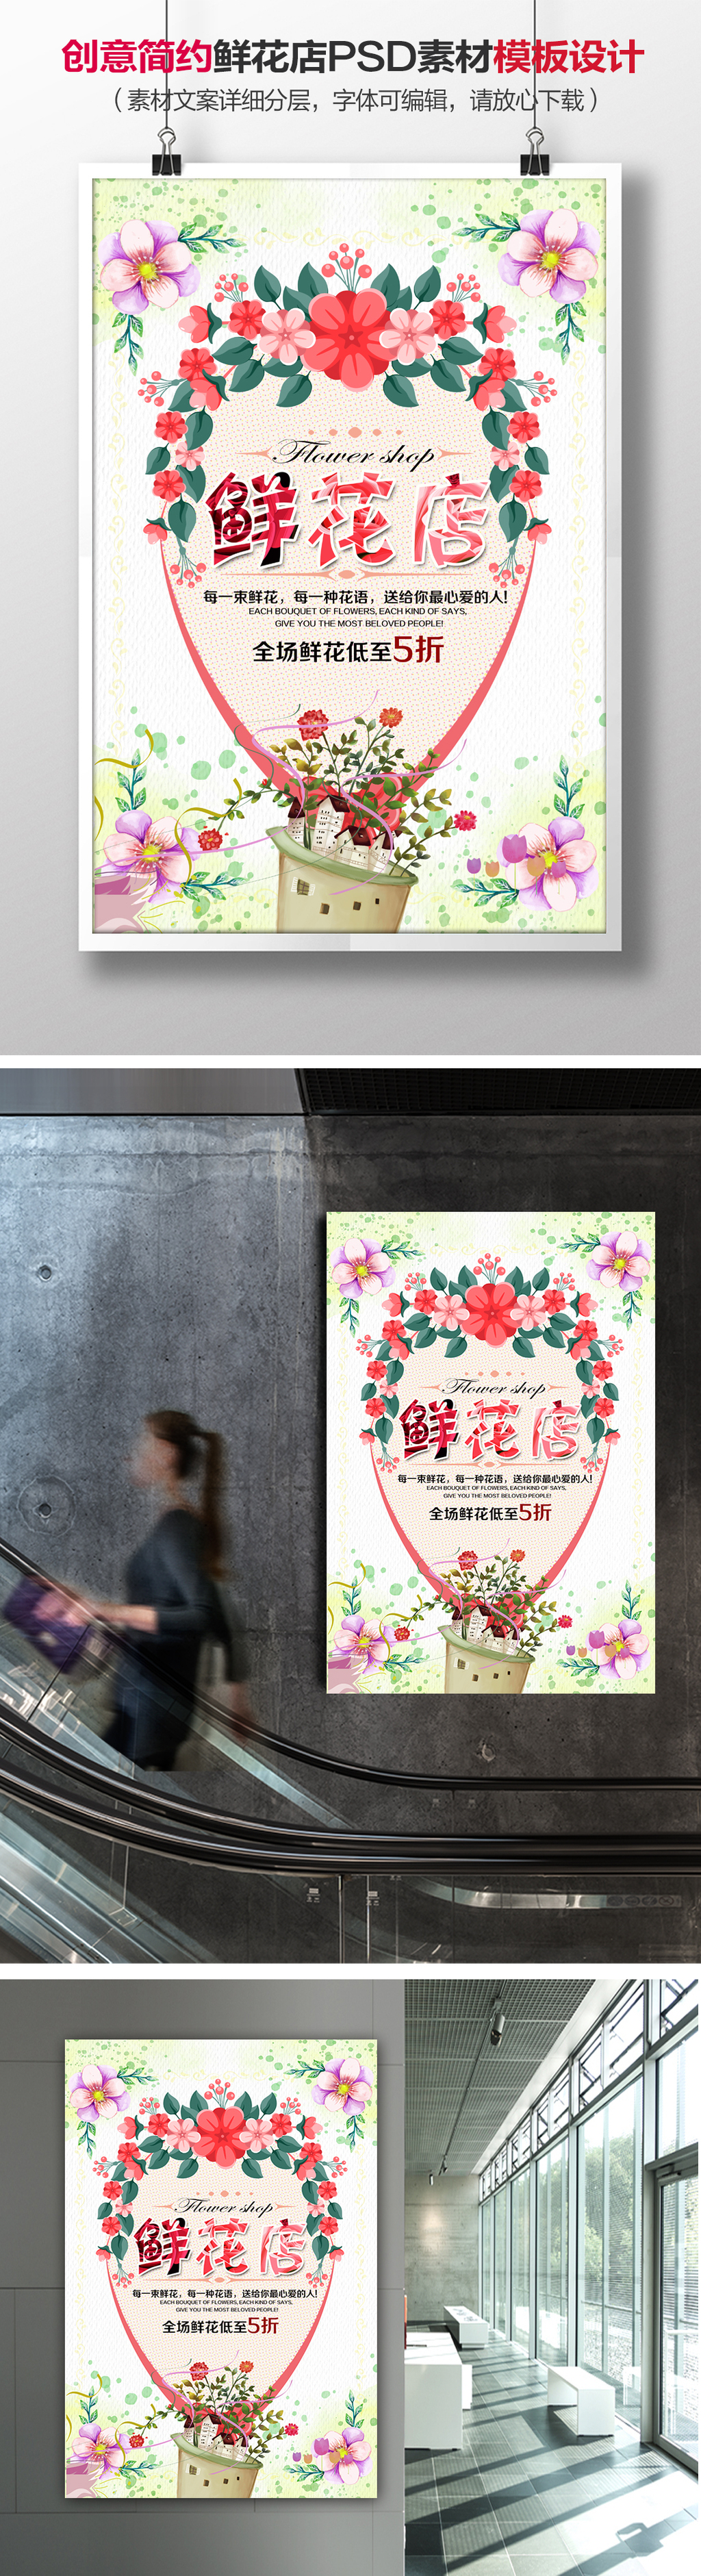 手绘清新鲜花店情人节七夕海报背景设计